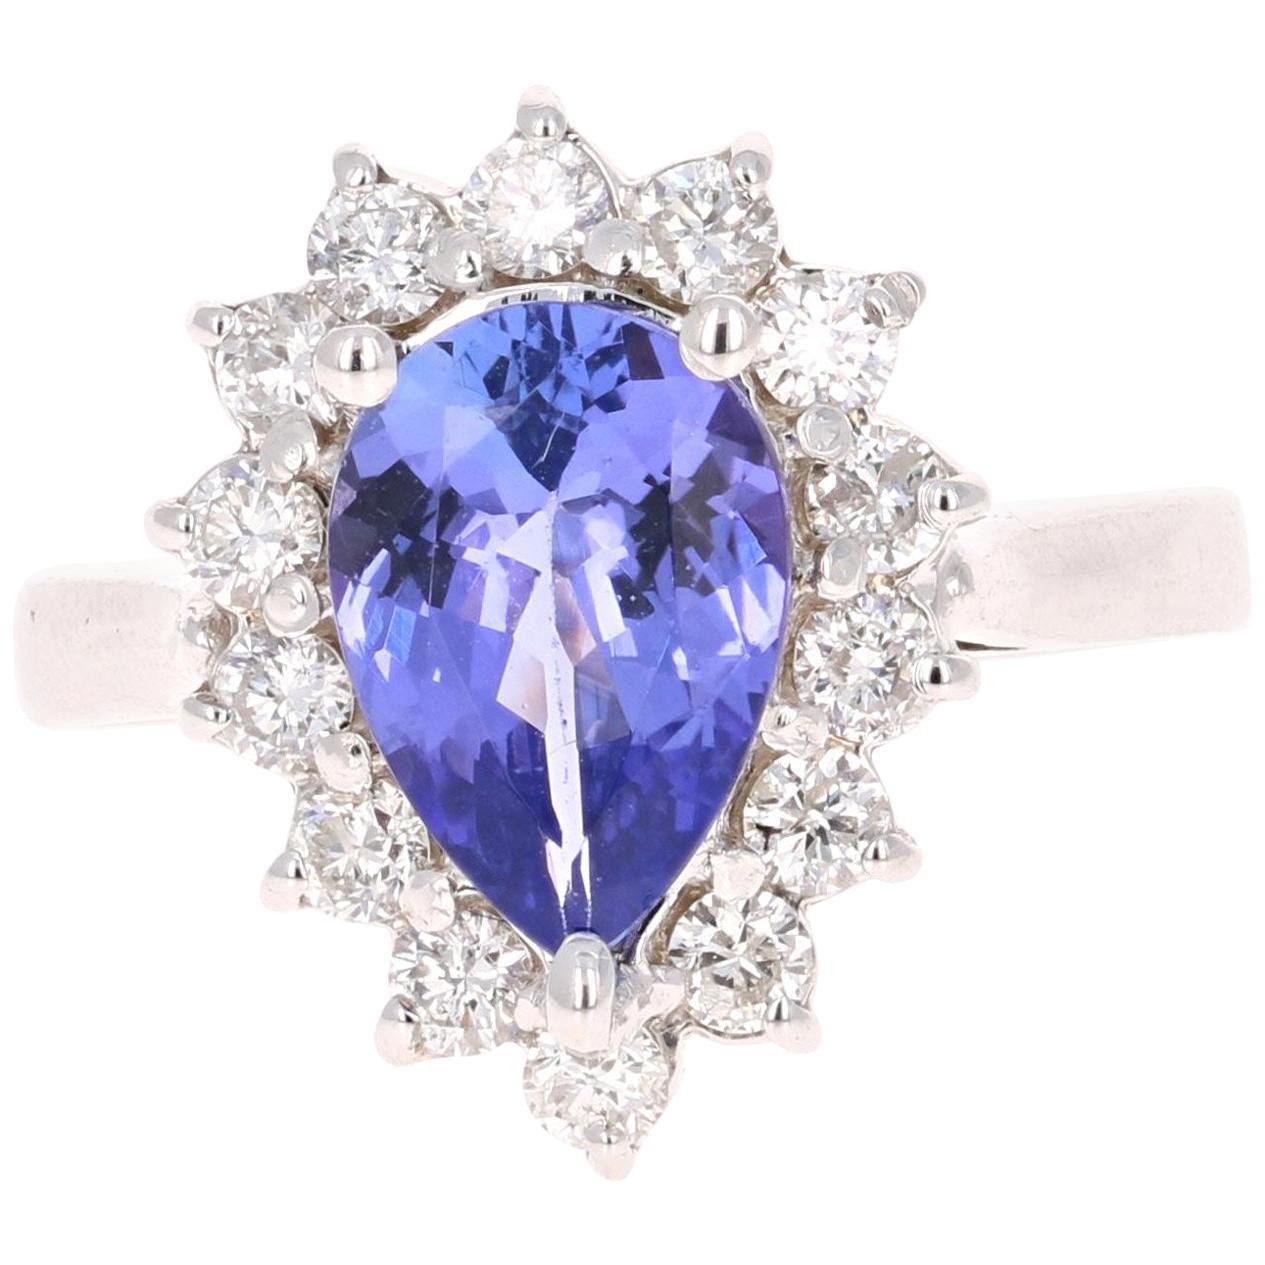 2.52 Carat Tanzanite Diamond 14 Karat White Gold Engagement Ring